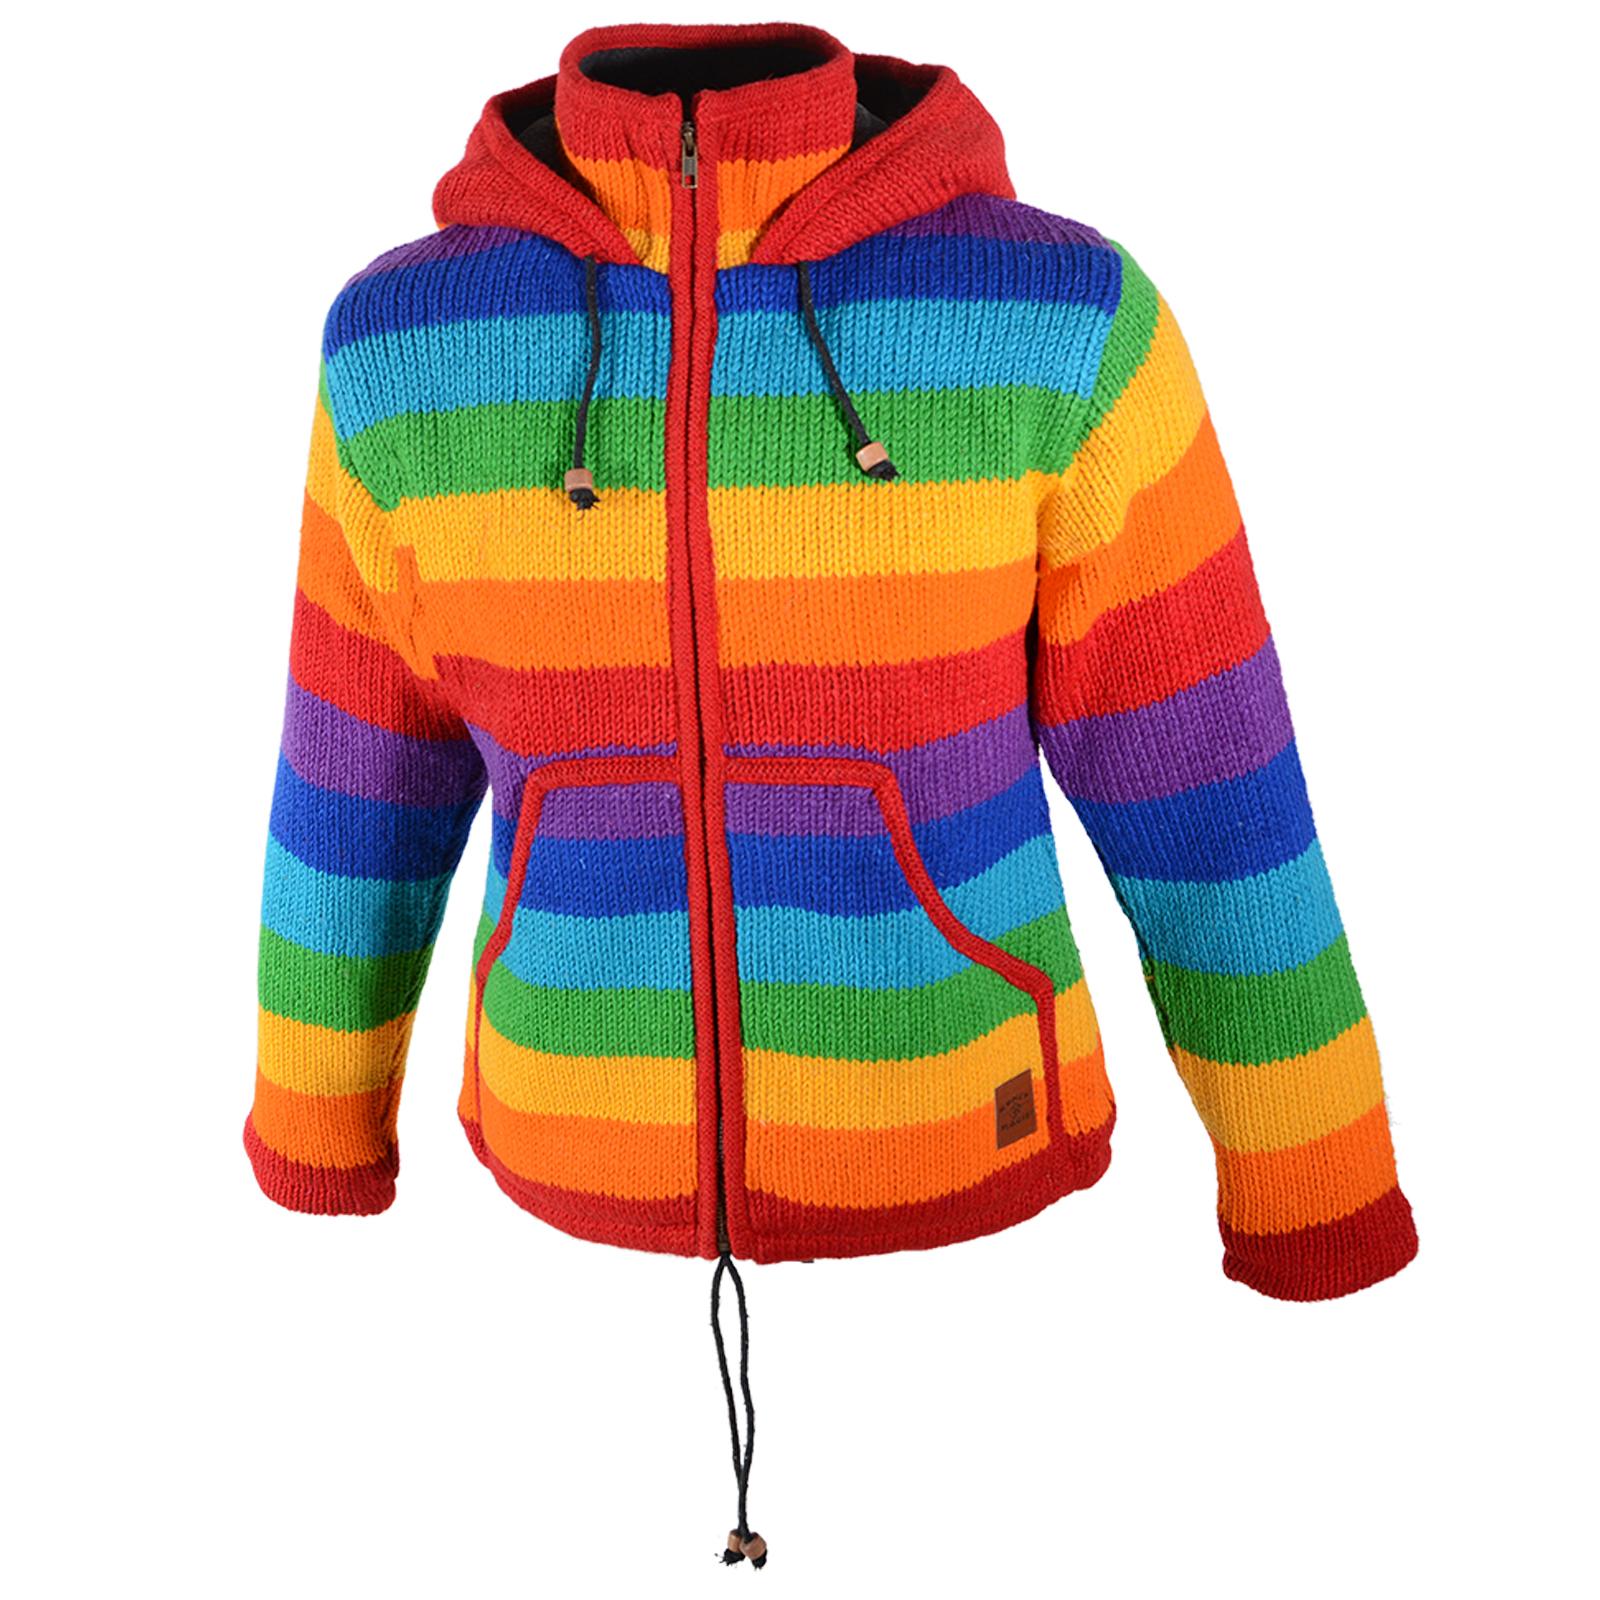 7aaf8452645c Damen Regenbogen Strickjacke Goa Wolle Jacke mit Fleecefutter und  Zipfelkapuze